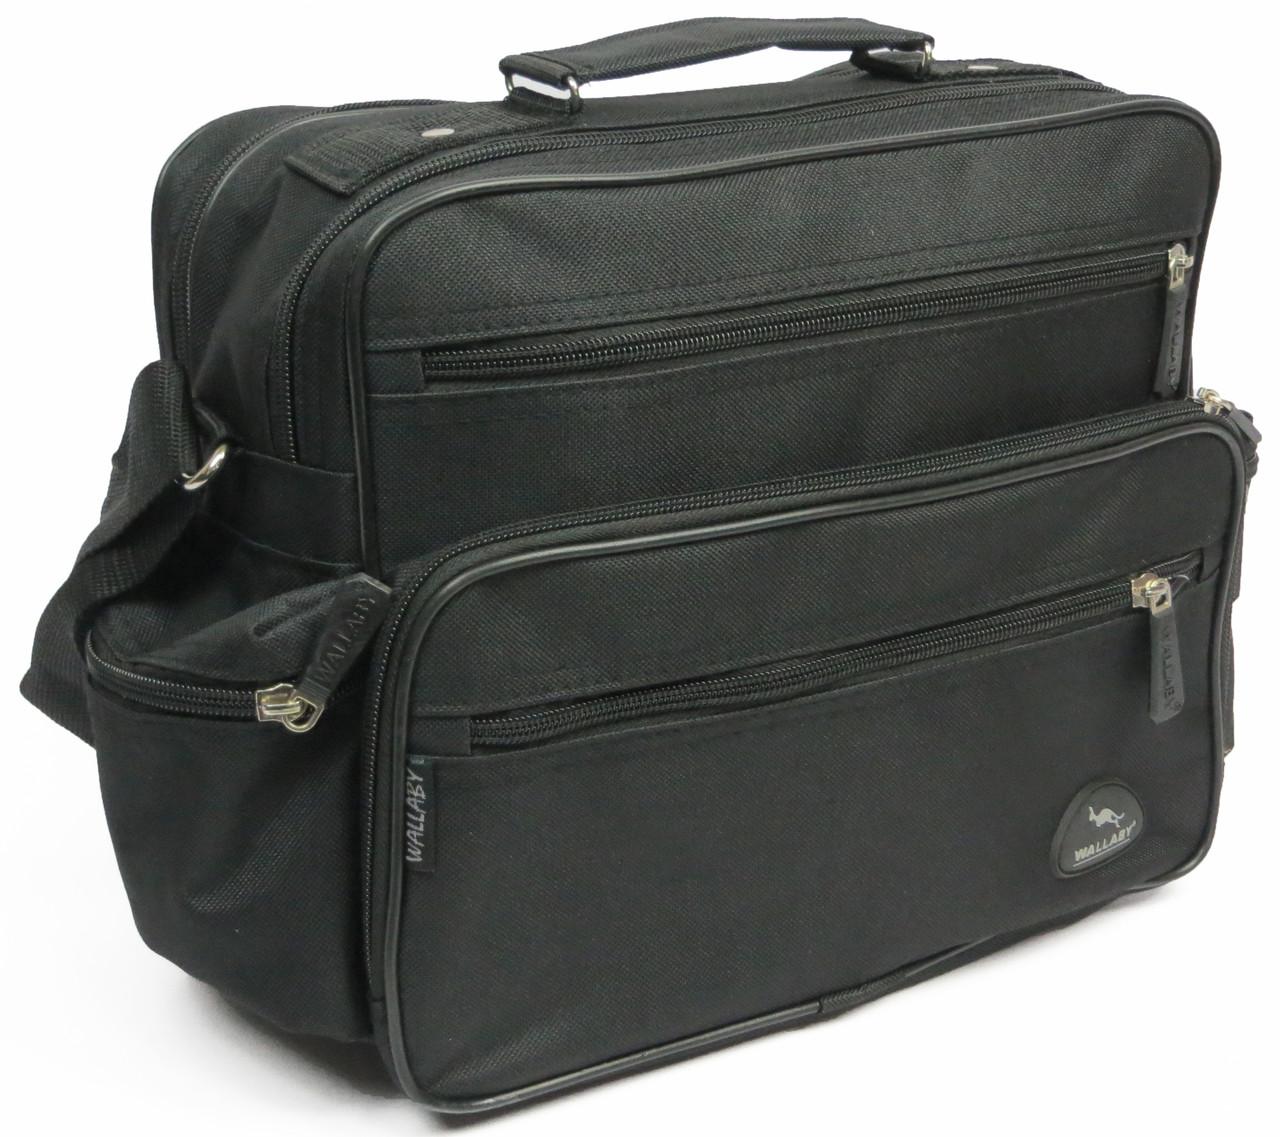 Практична чоловіча сумка Wallaby 2440 чорний